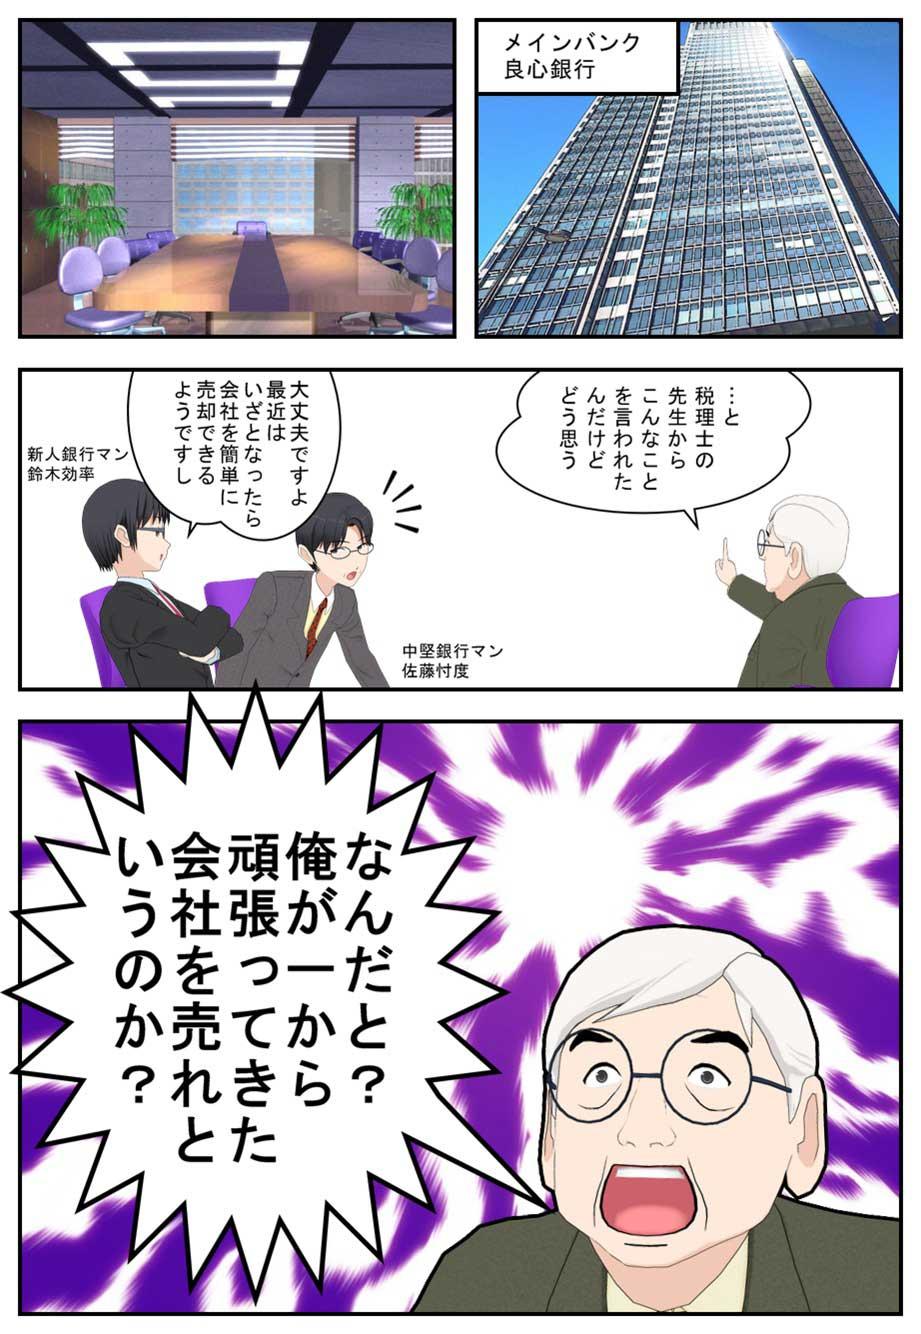 事業承継マンガ3頁